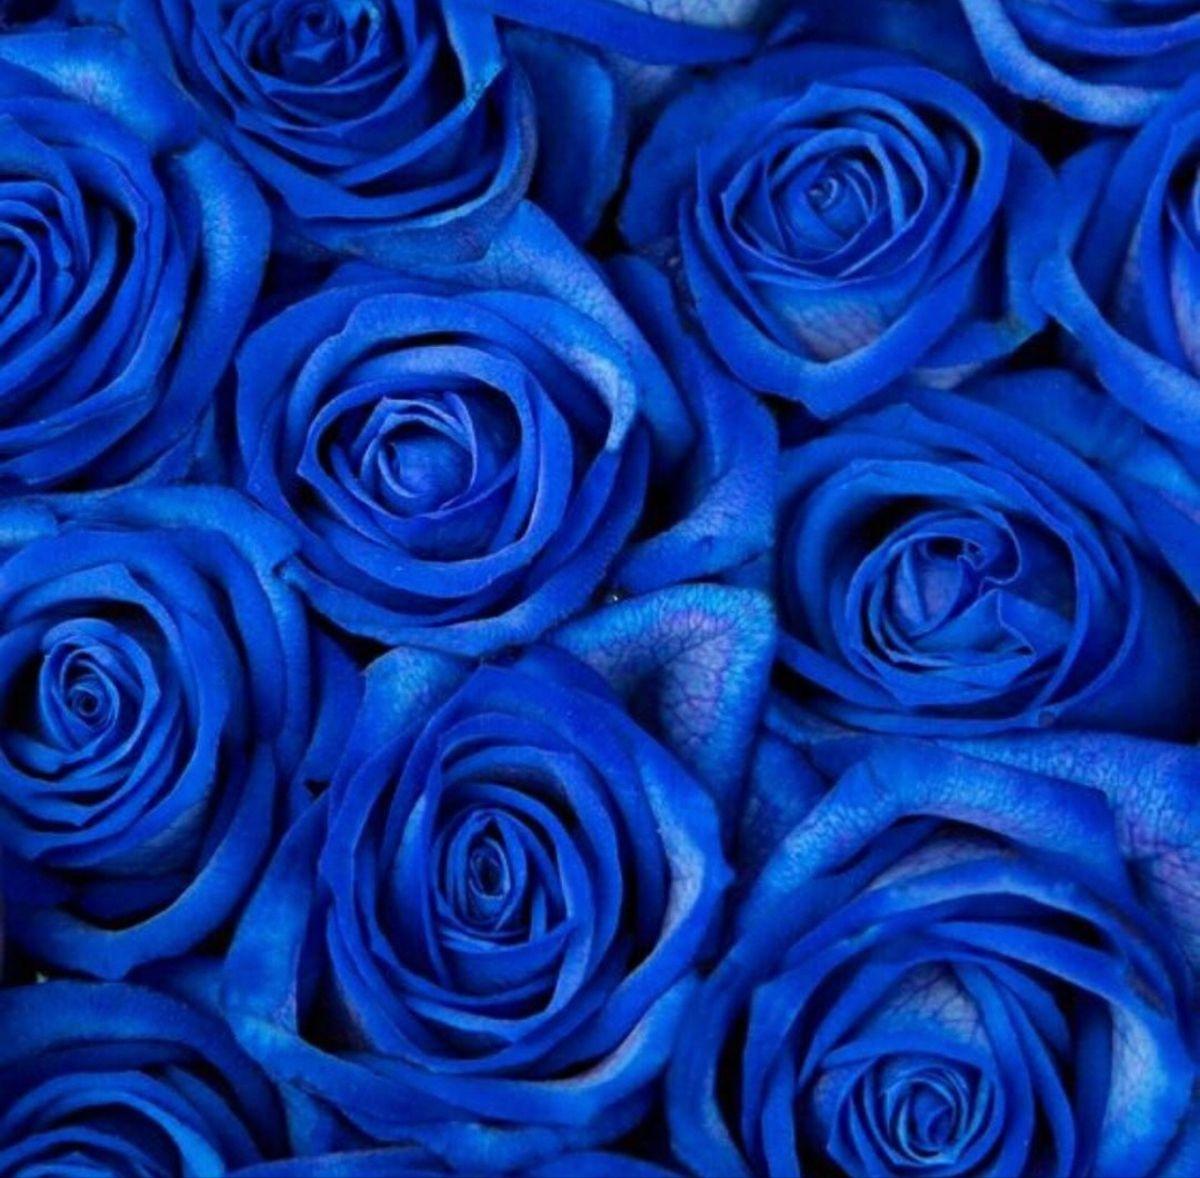 Bulk Blue Roses At Wholesale Price Blue Flower Wallpaper Dark Blue Flowers Blue Aesthetic Dark